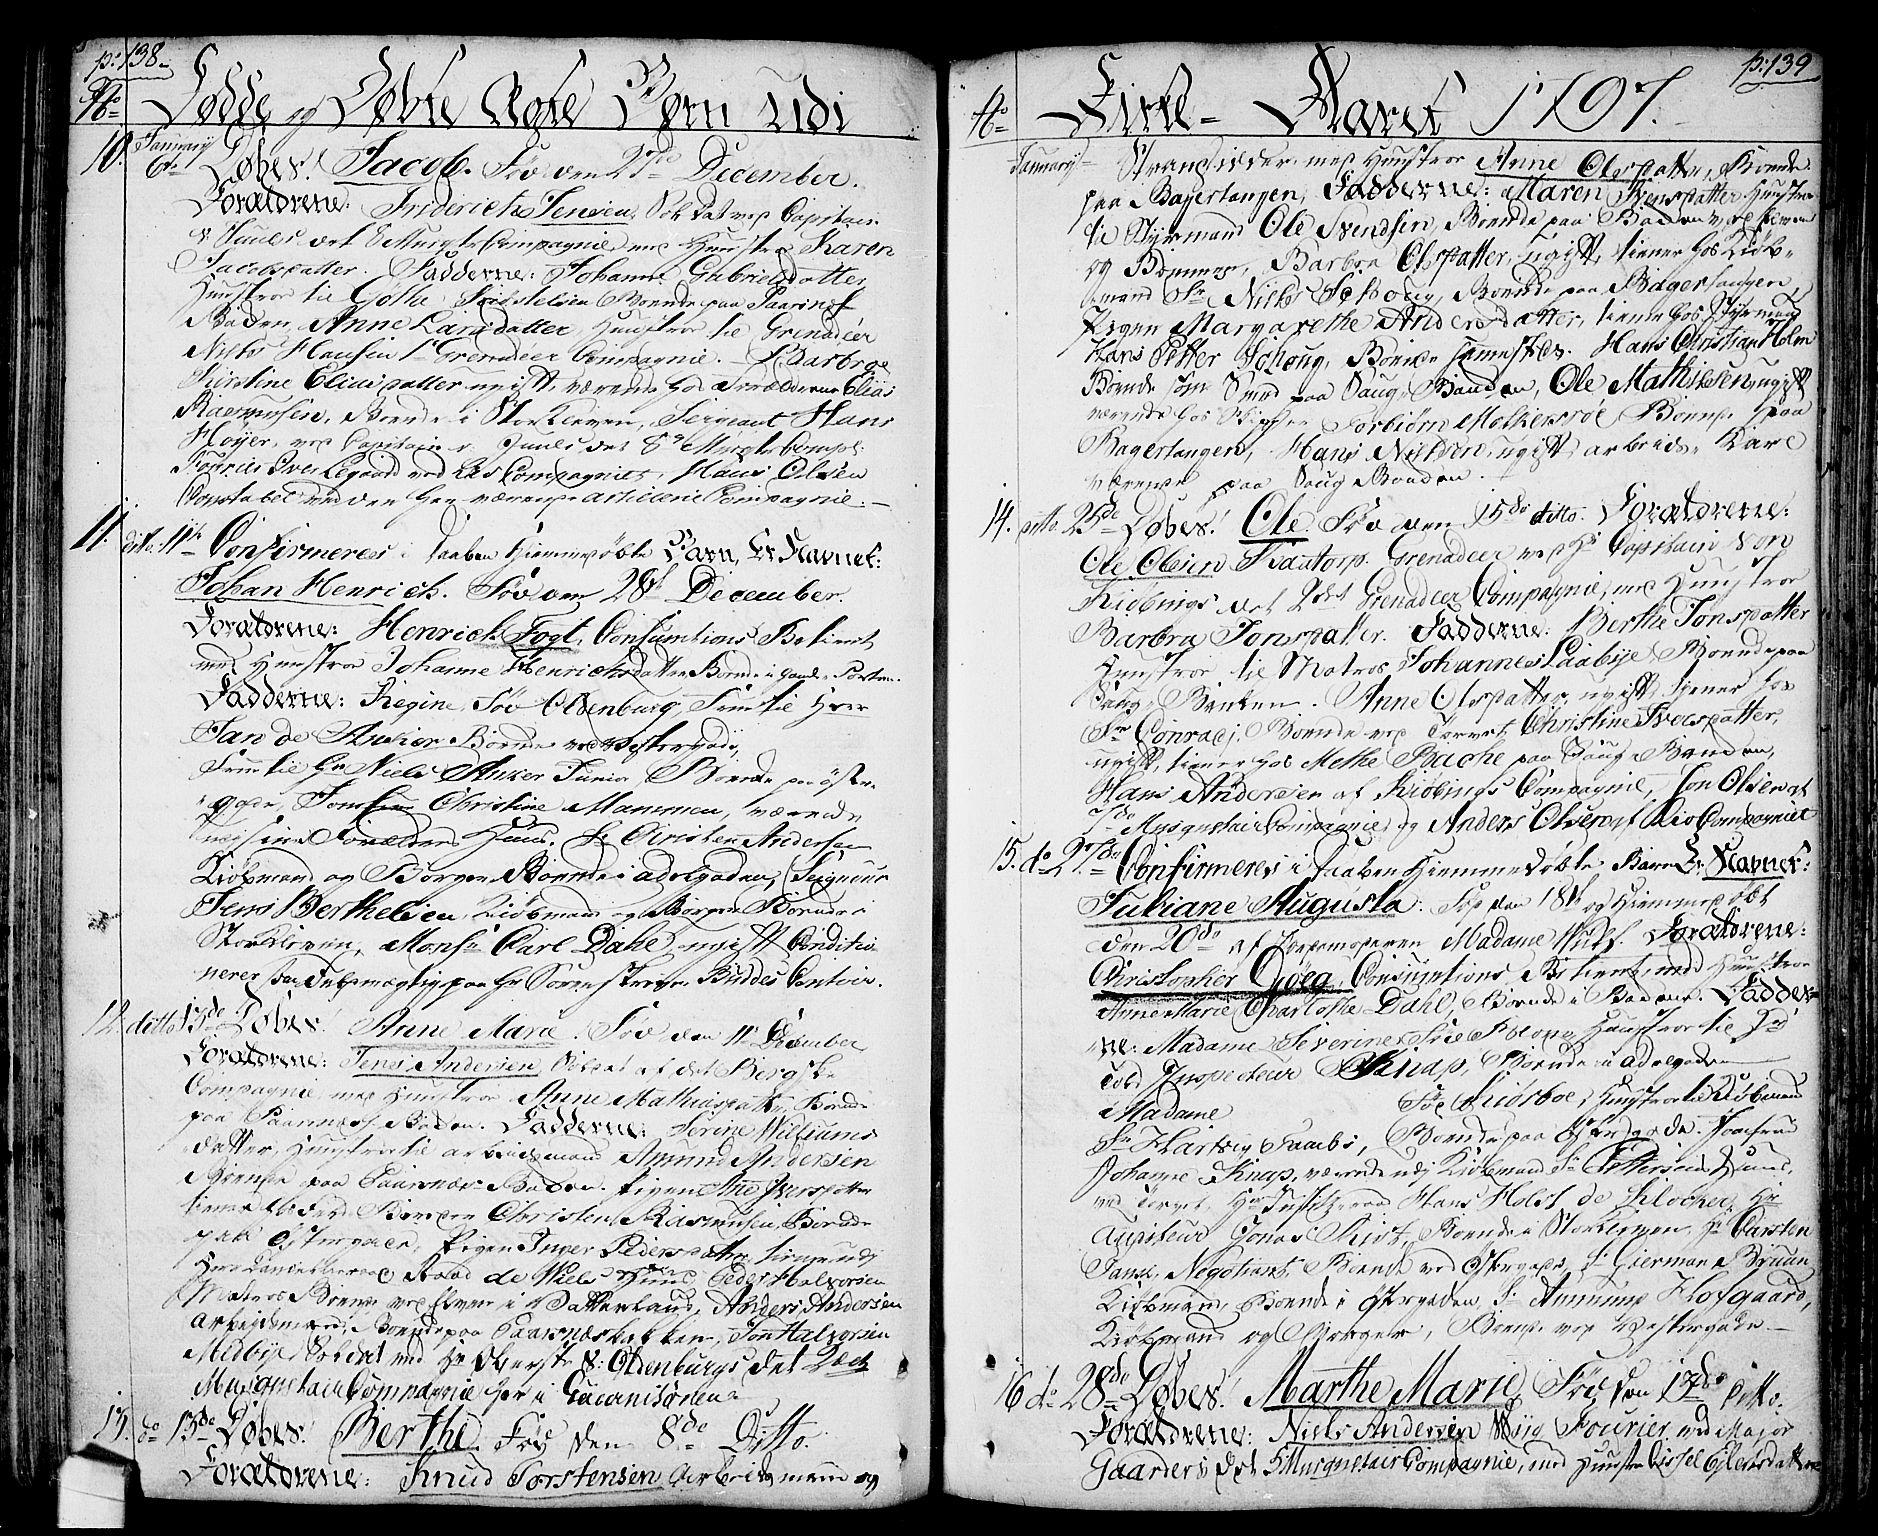 SAO, Halden prestekontor Kirkebøker, F/Fa/L0002: Ministerialbok nr. I 2, 1792-1812, s. 138-139